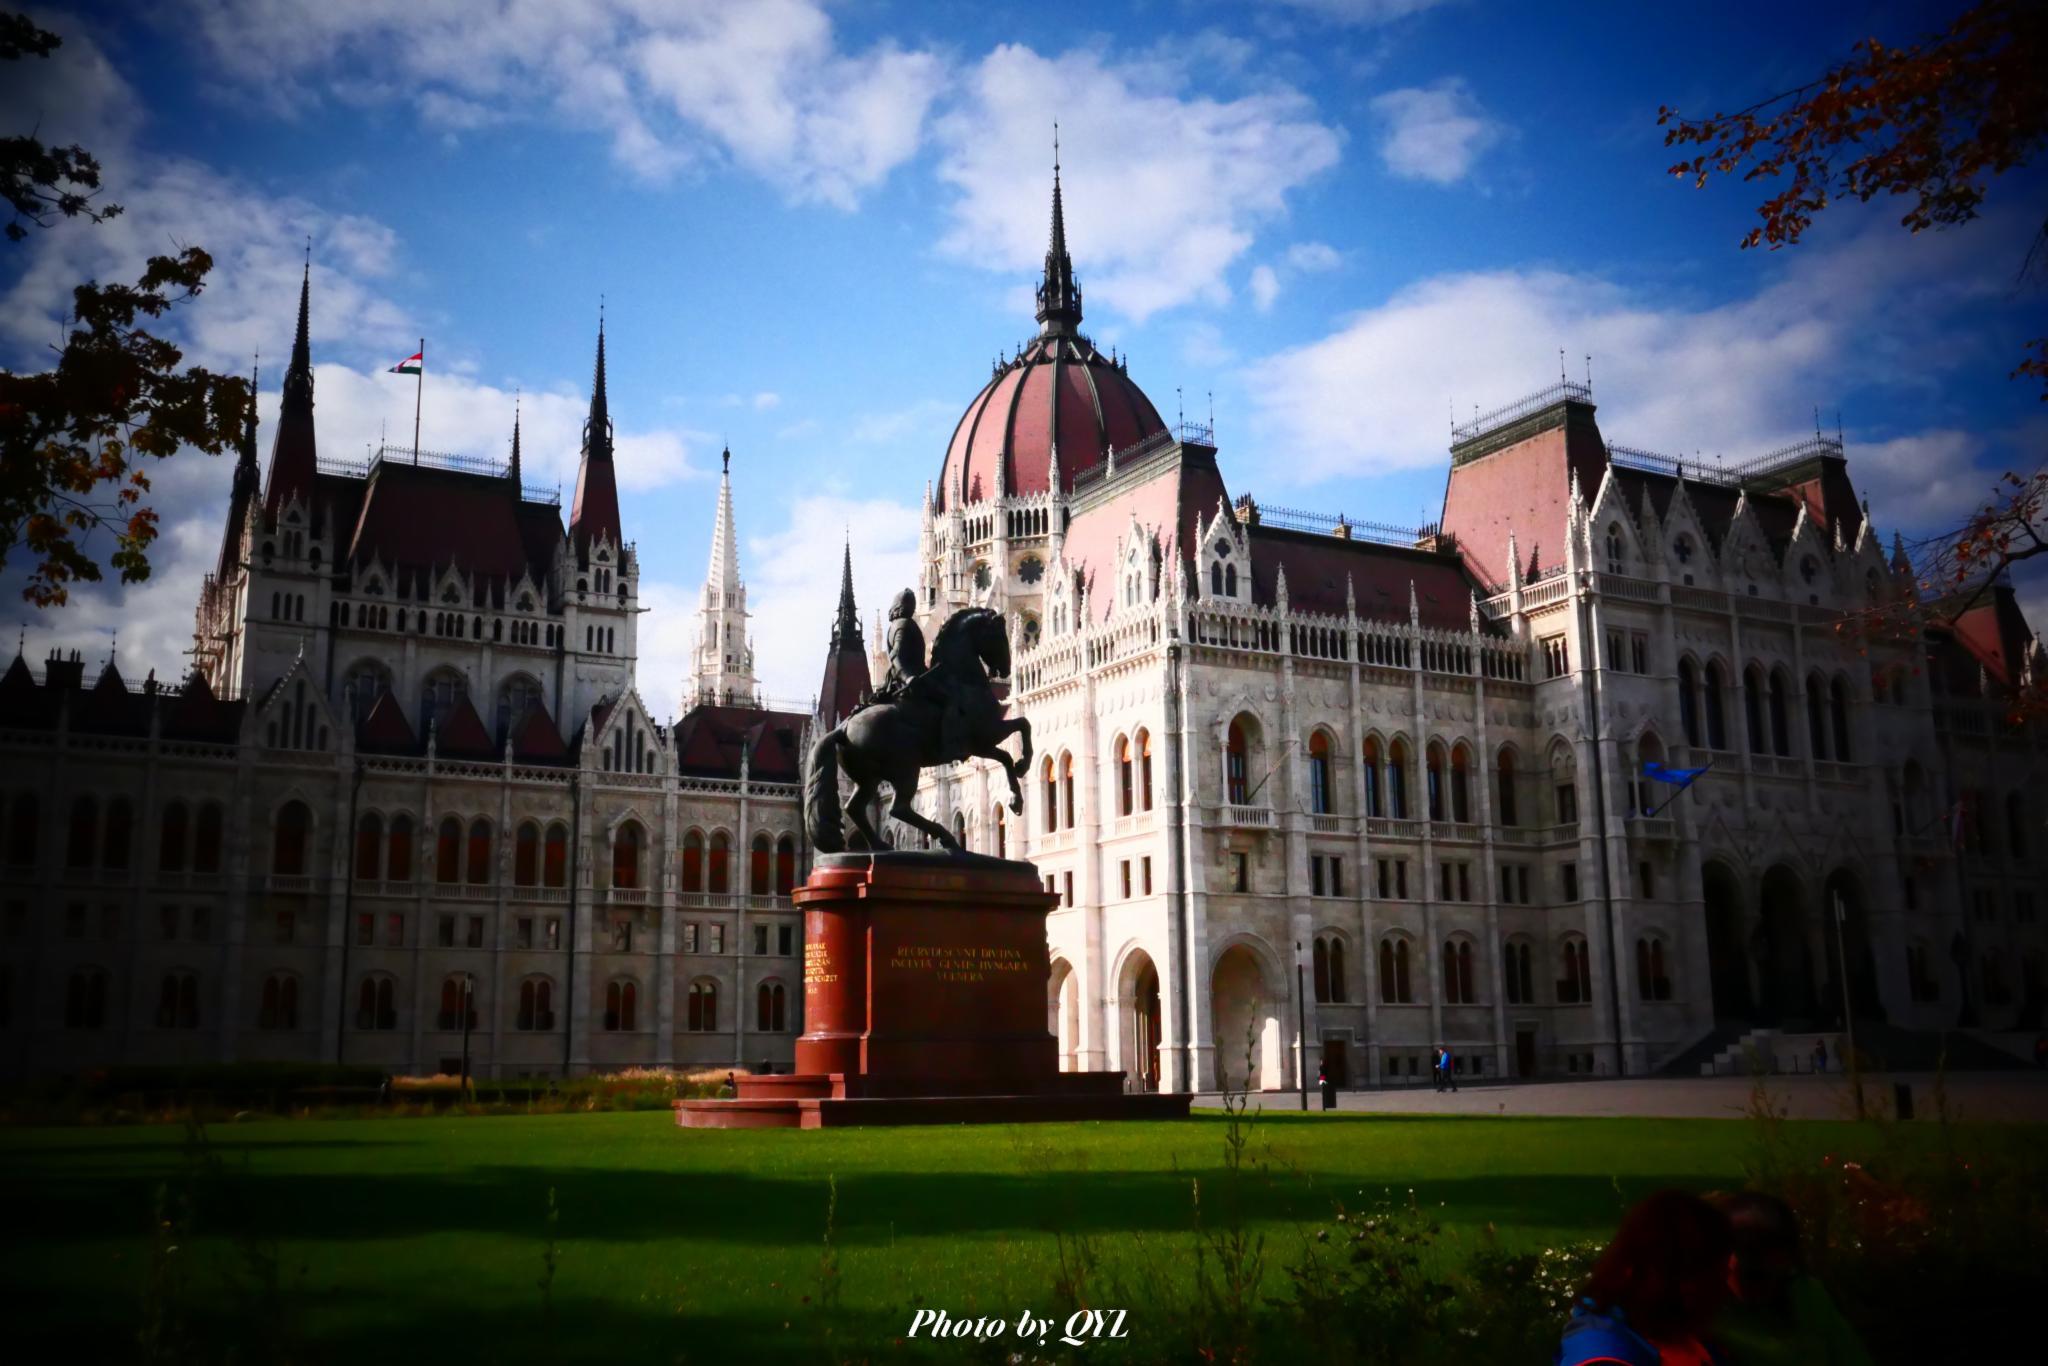 我在东欧重修了一次外国中国股市 史——波兰、克罗地亚、匈牙利东欧三国13天9城